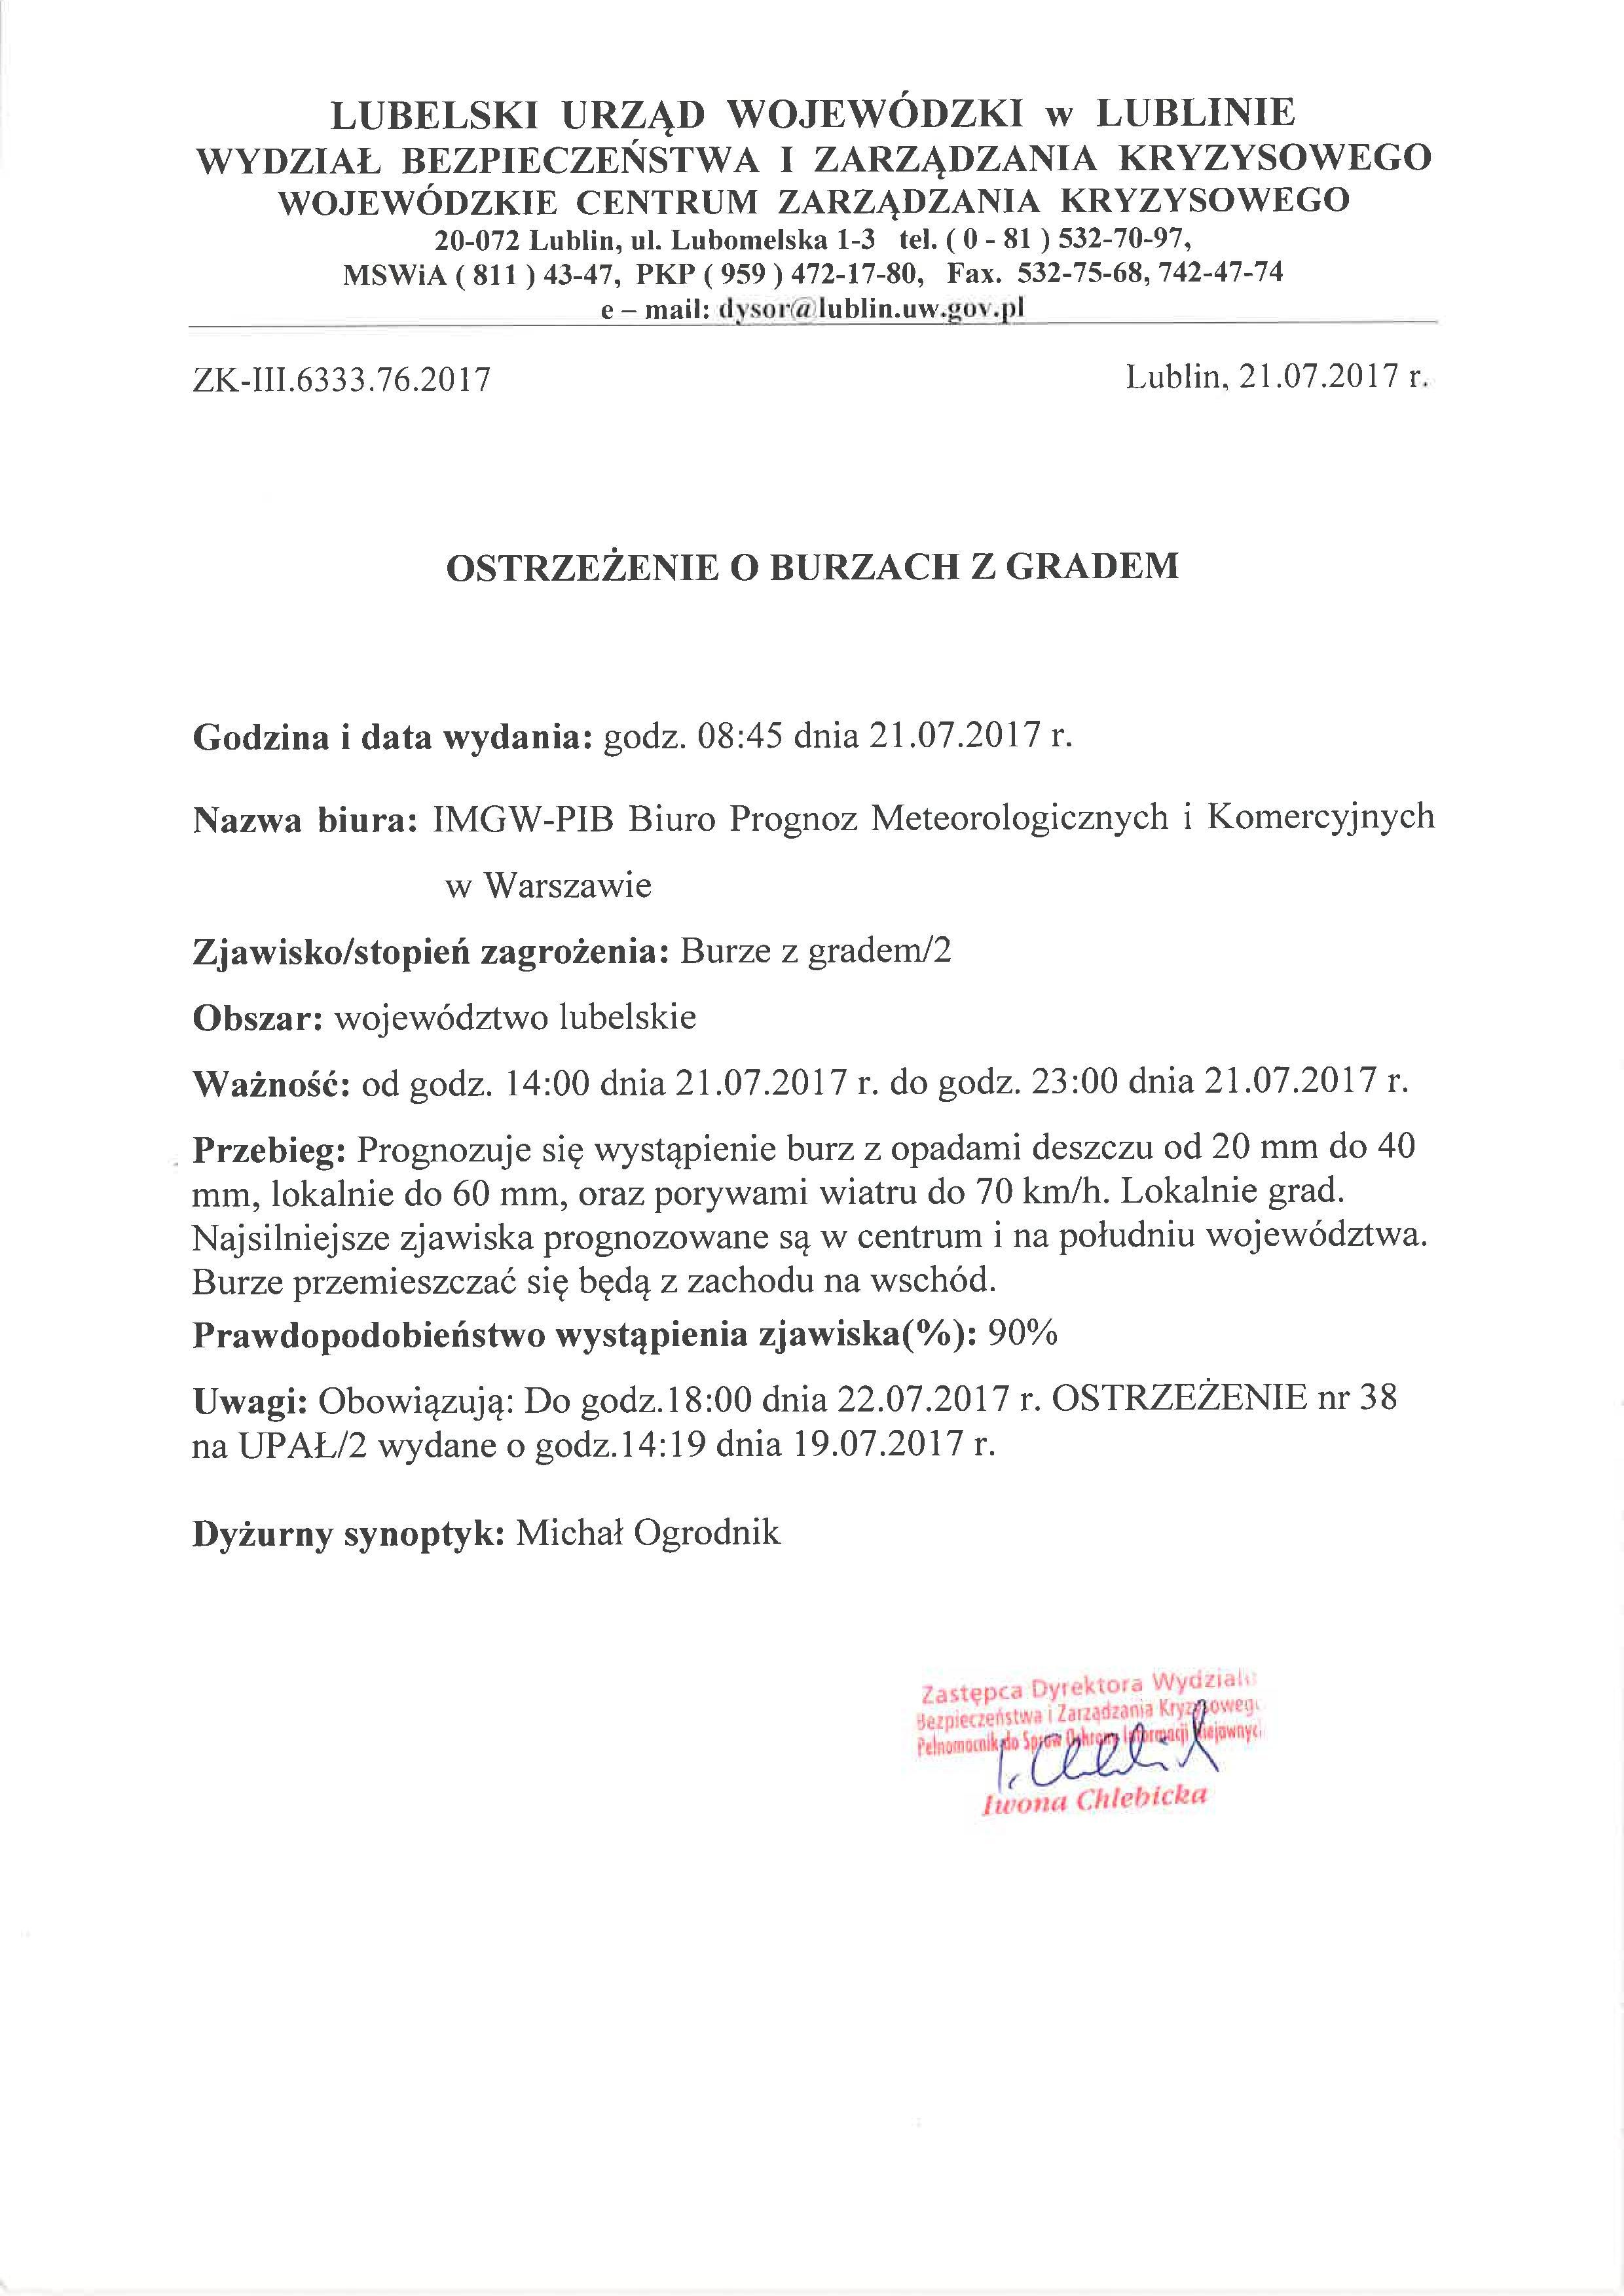 Ostrzeżenie o burzach z gradem z dn. 21.07.2017 r.